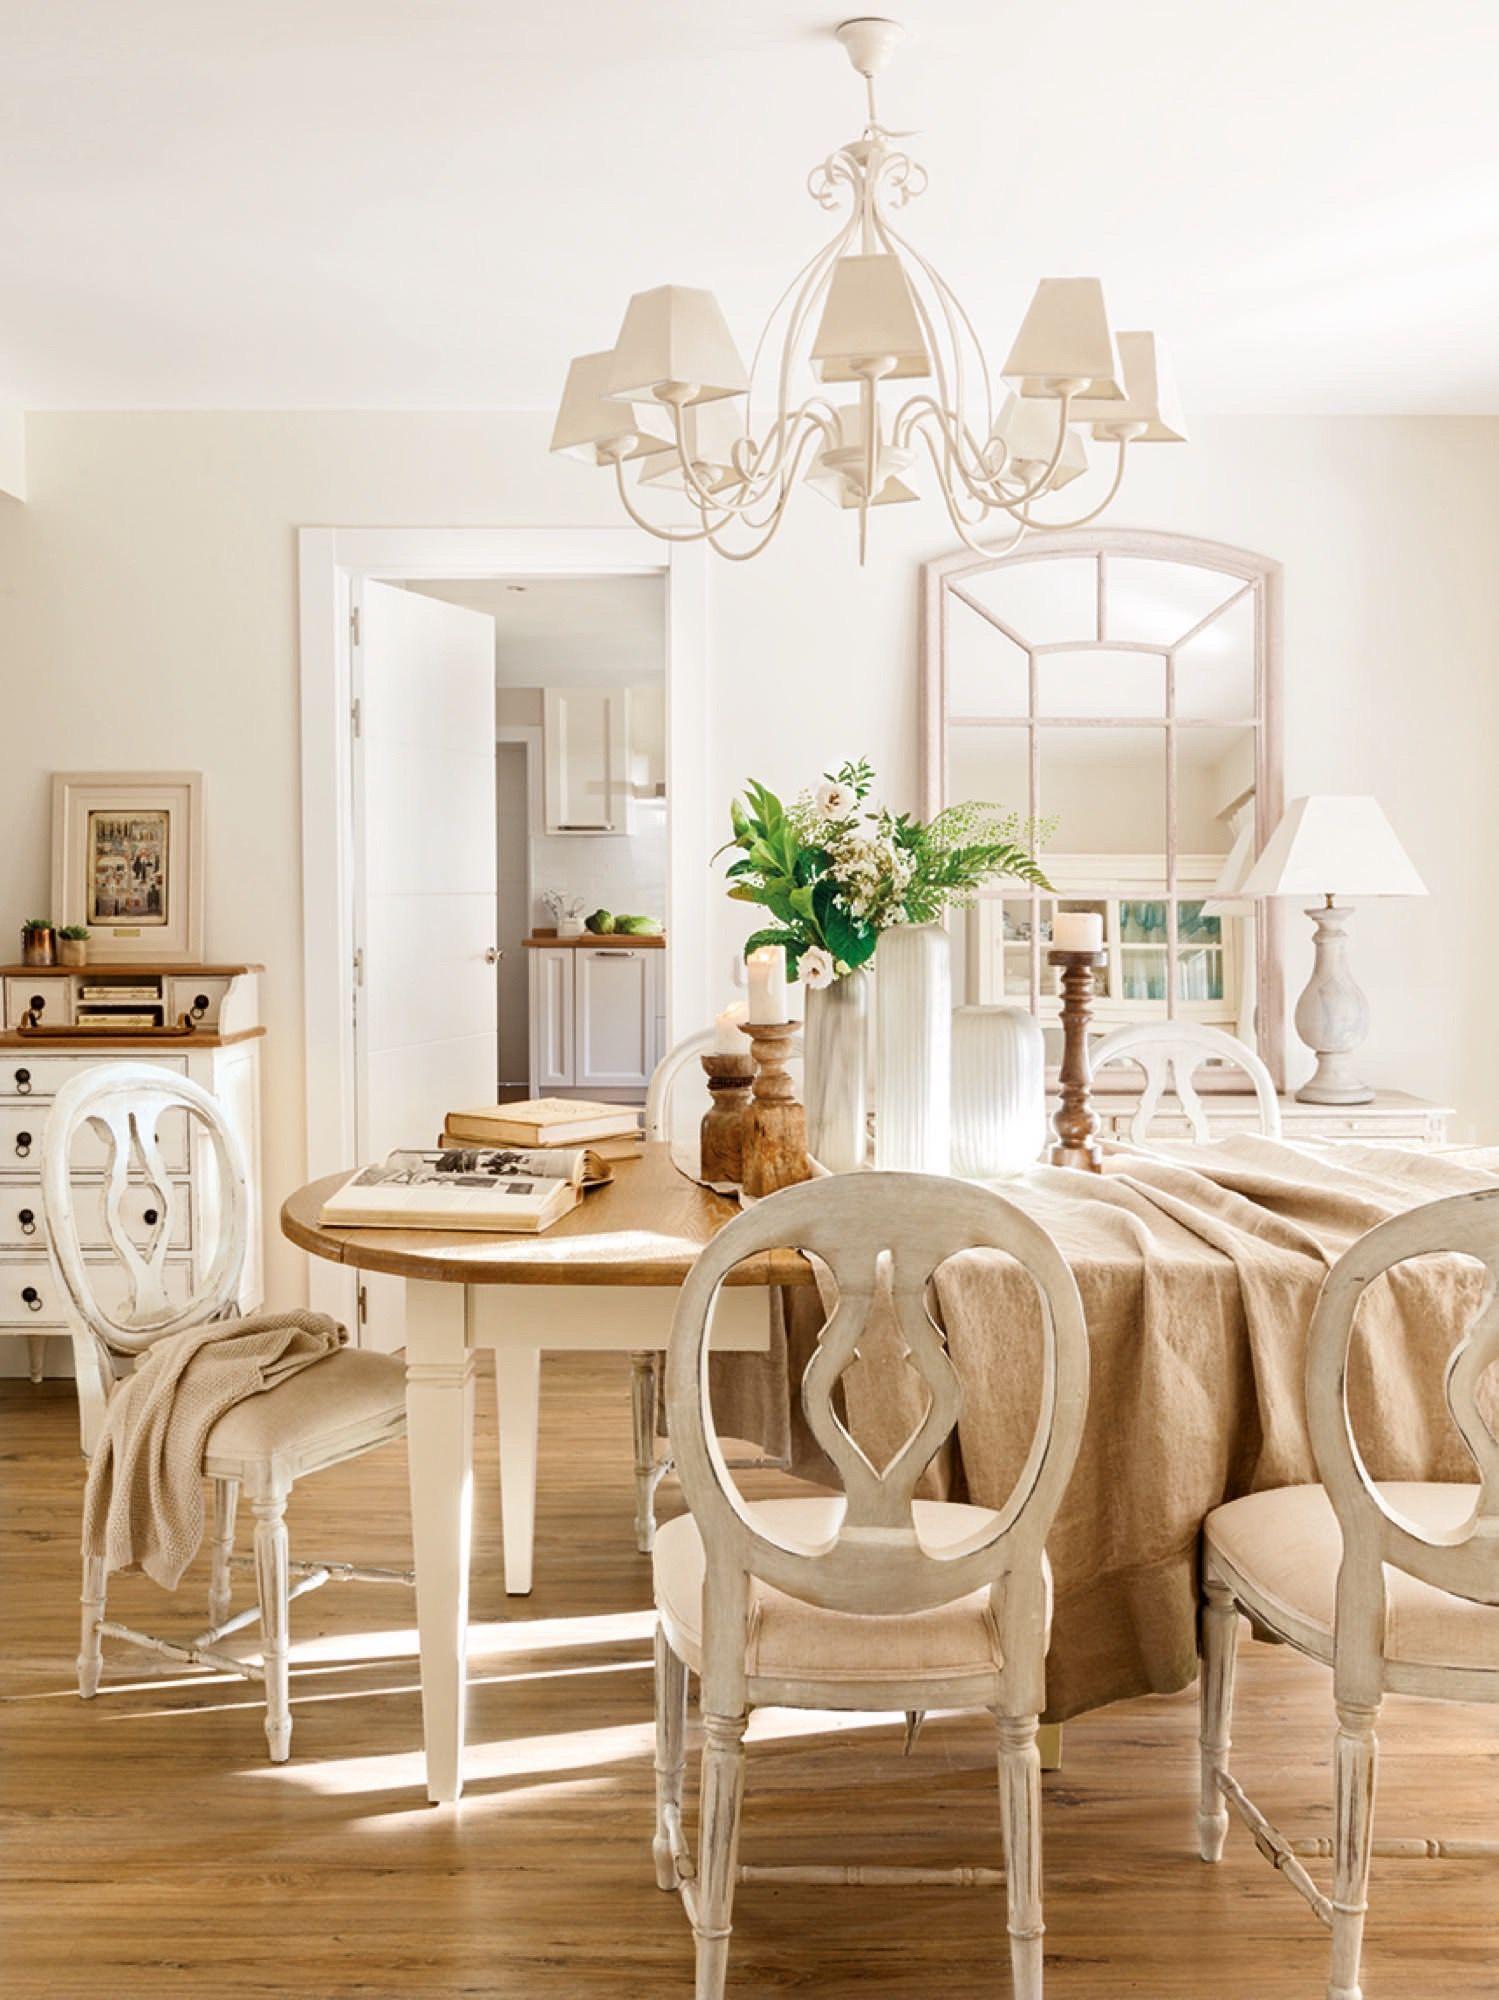 comedor de estilo rustico provenzal | Candelabros de madera, El ...